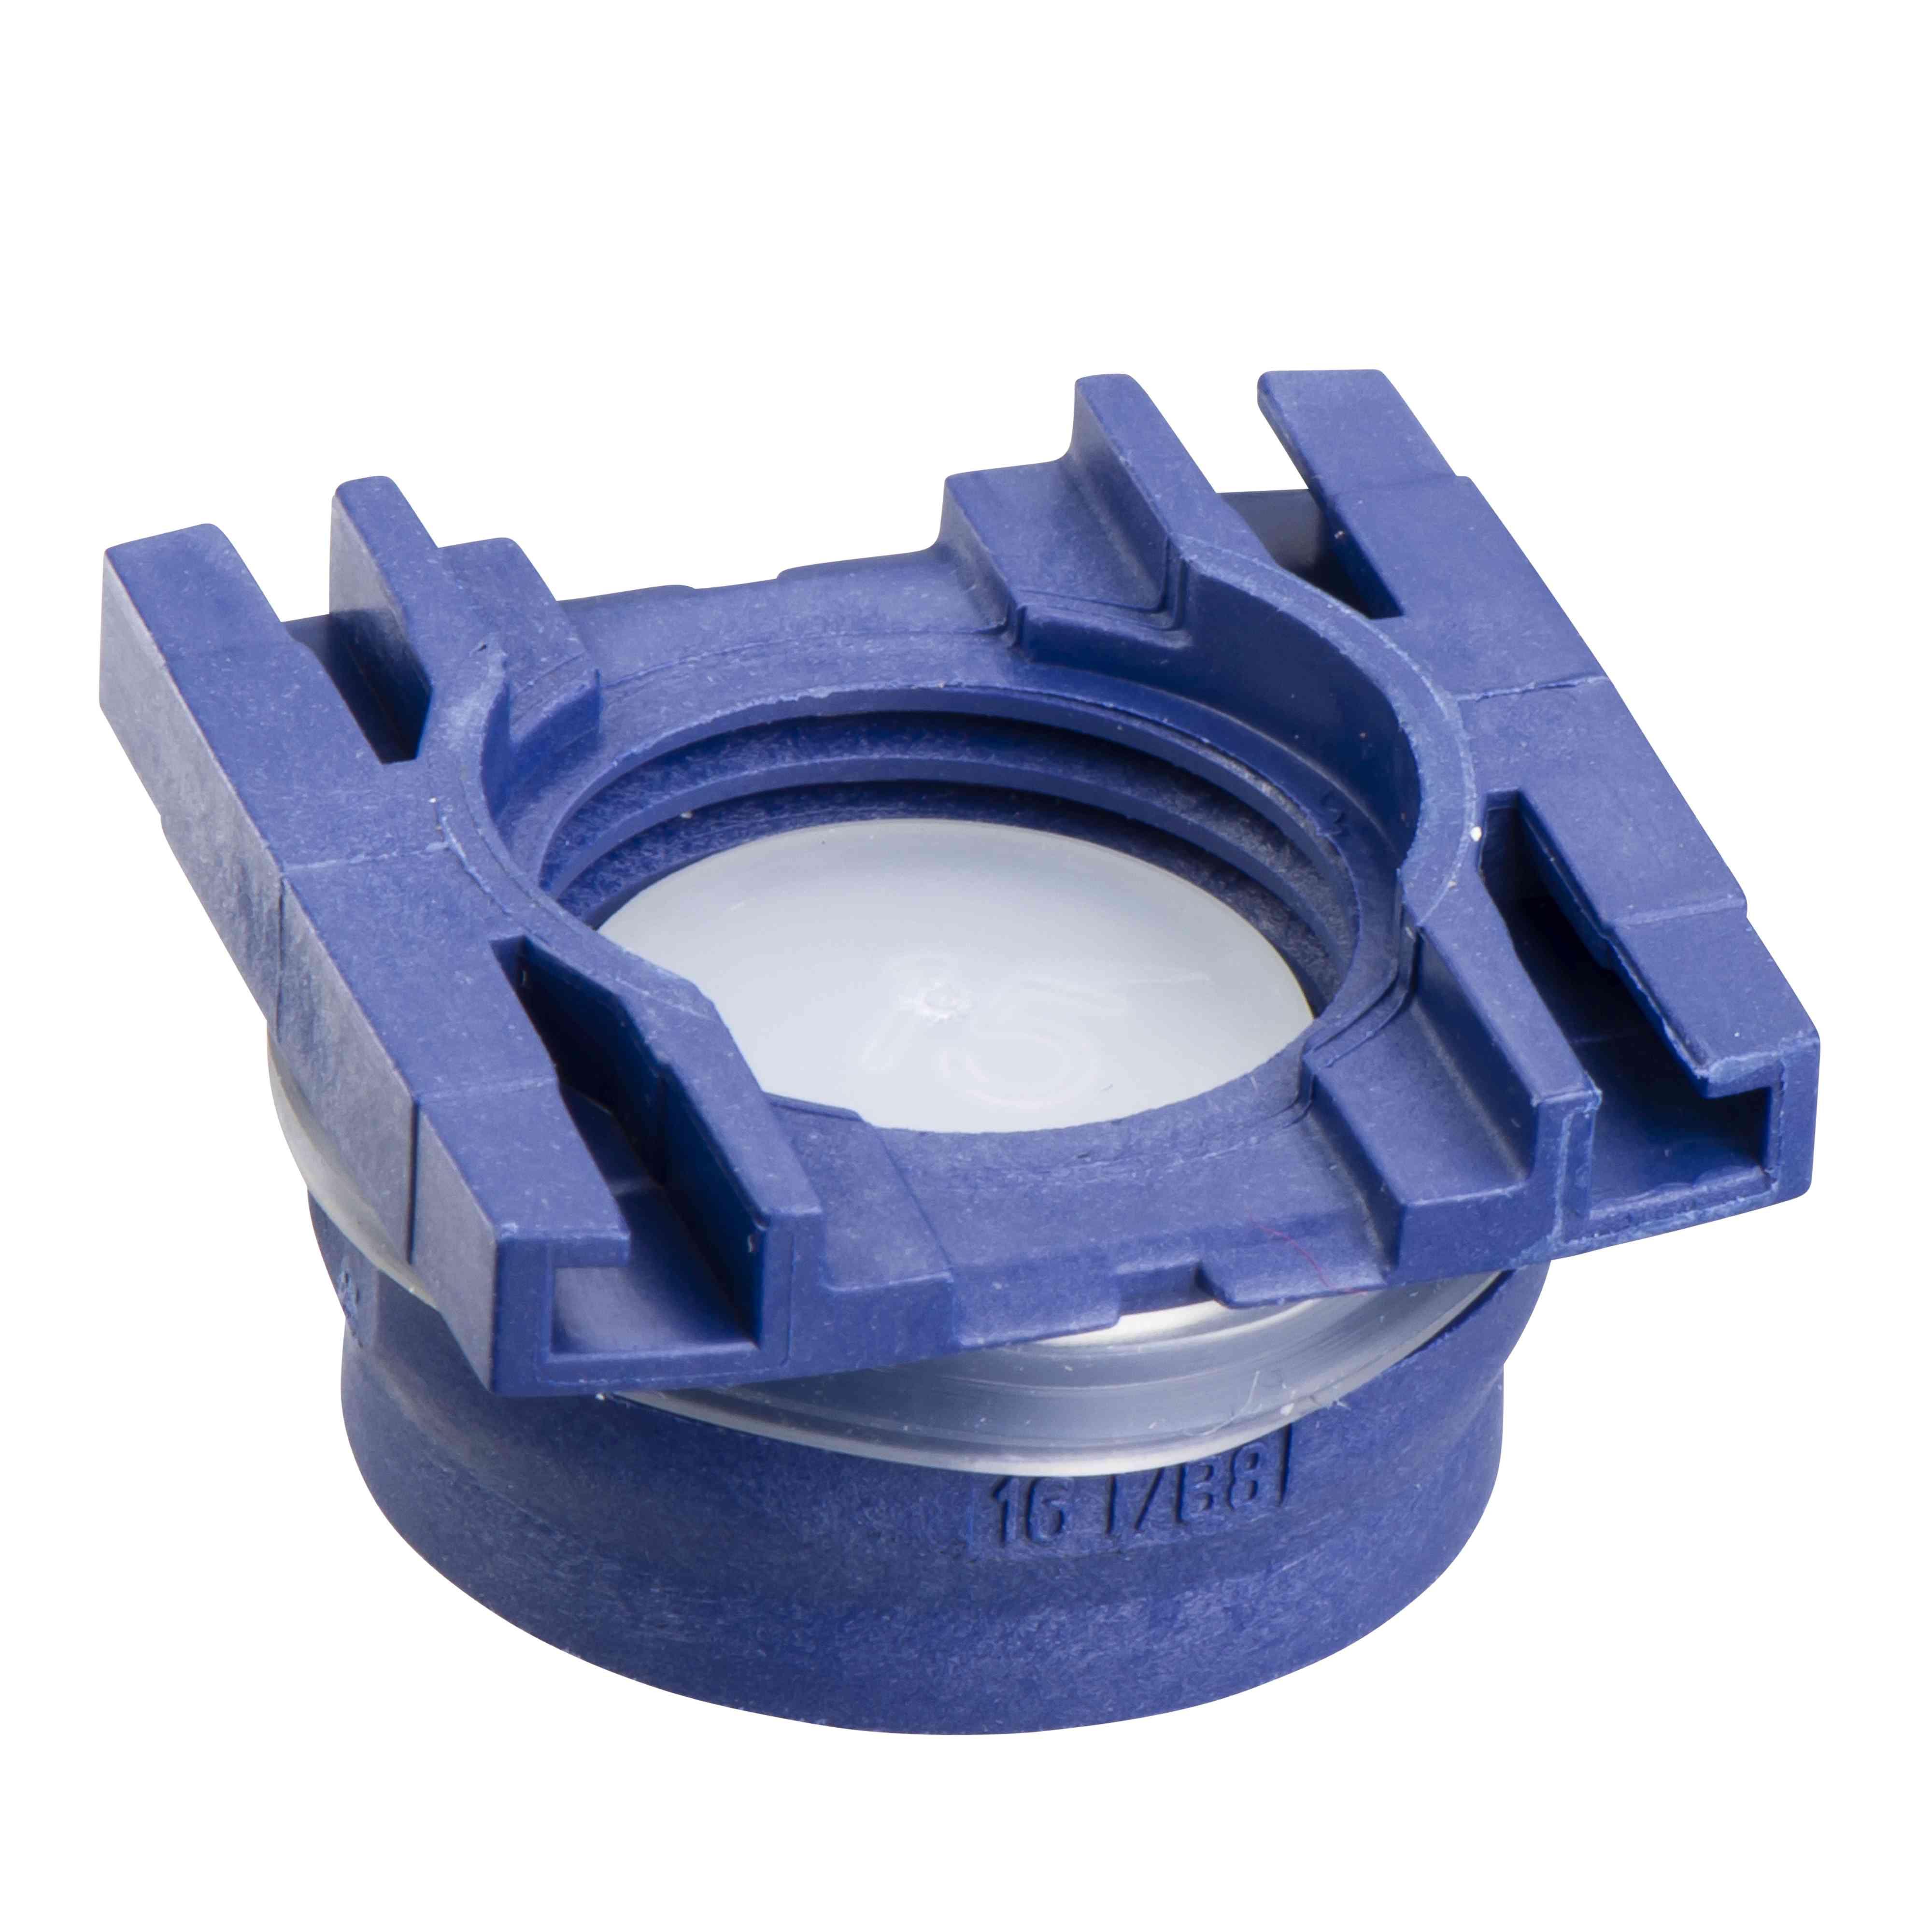 Vhod kabelske tesnilke - M16x1,5 - za omejitveno stikalo - plastično ohišje